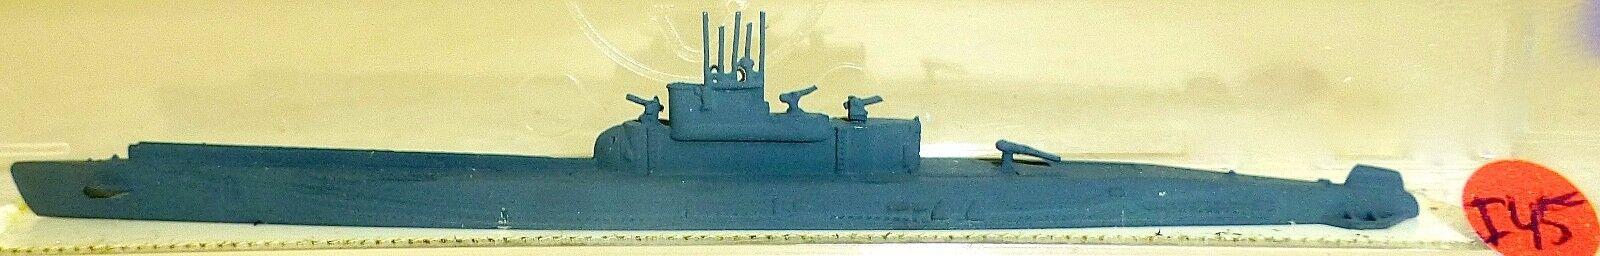 U-Boat Ship Ship Ship Model 1 1250 SHPI45 Å a3c1ae